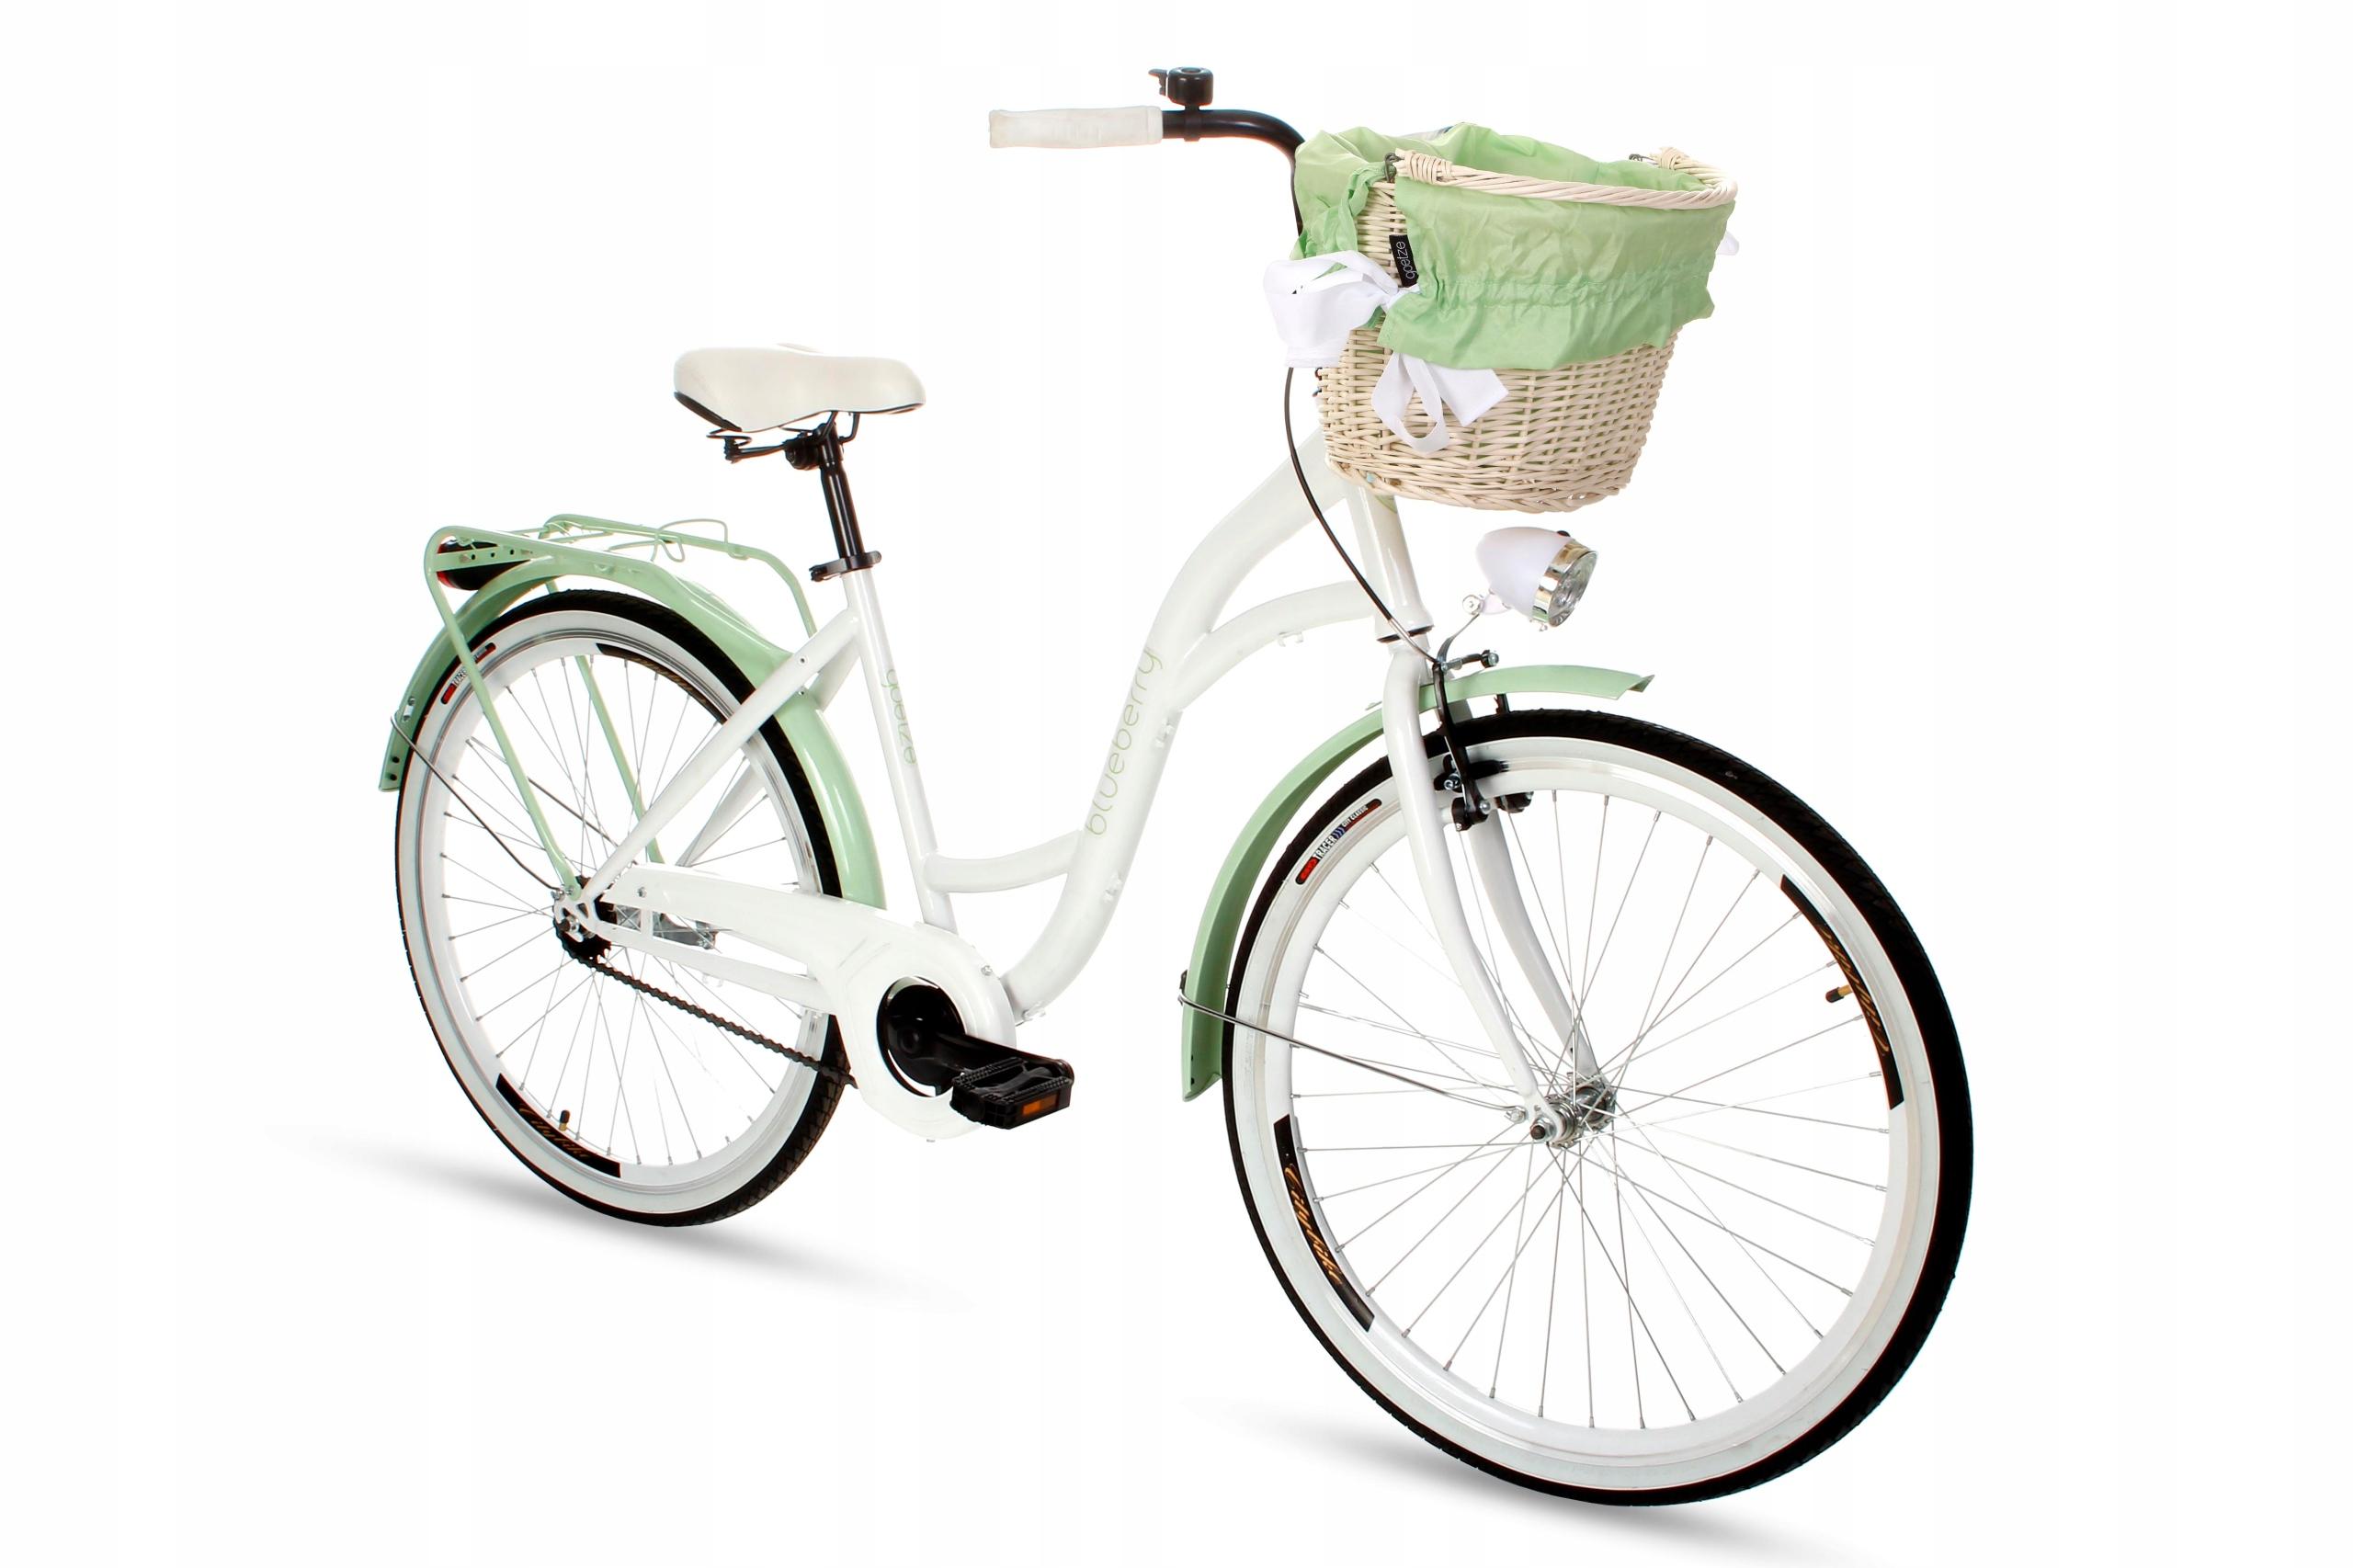 Dámsky mestský bicykel Goetze BLUEBERRY 26 košík!  Materiál rámu oceľ